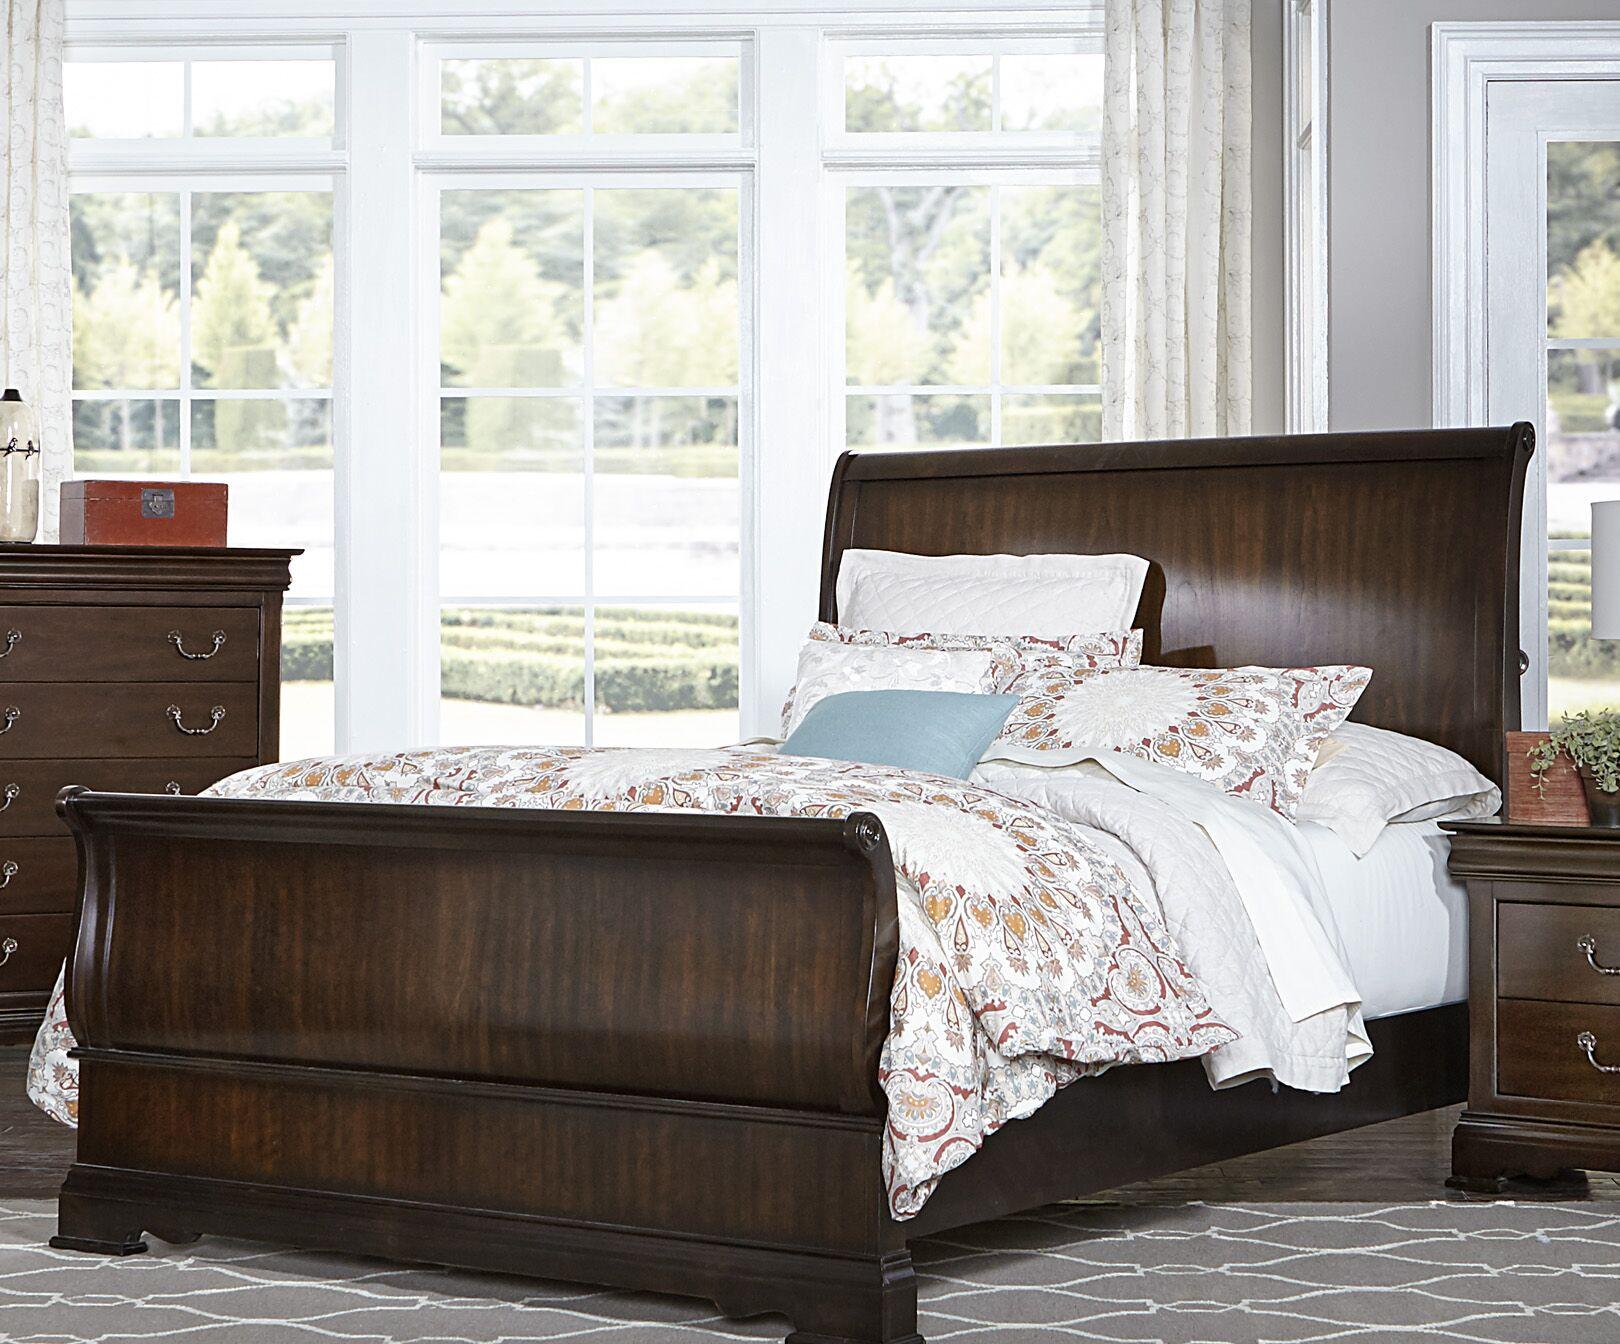 Hebden Sleigh Bed Size: Queen